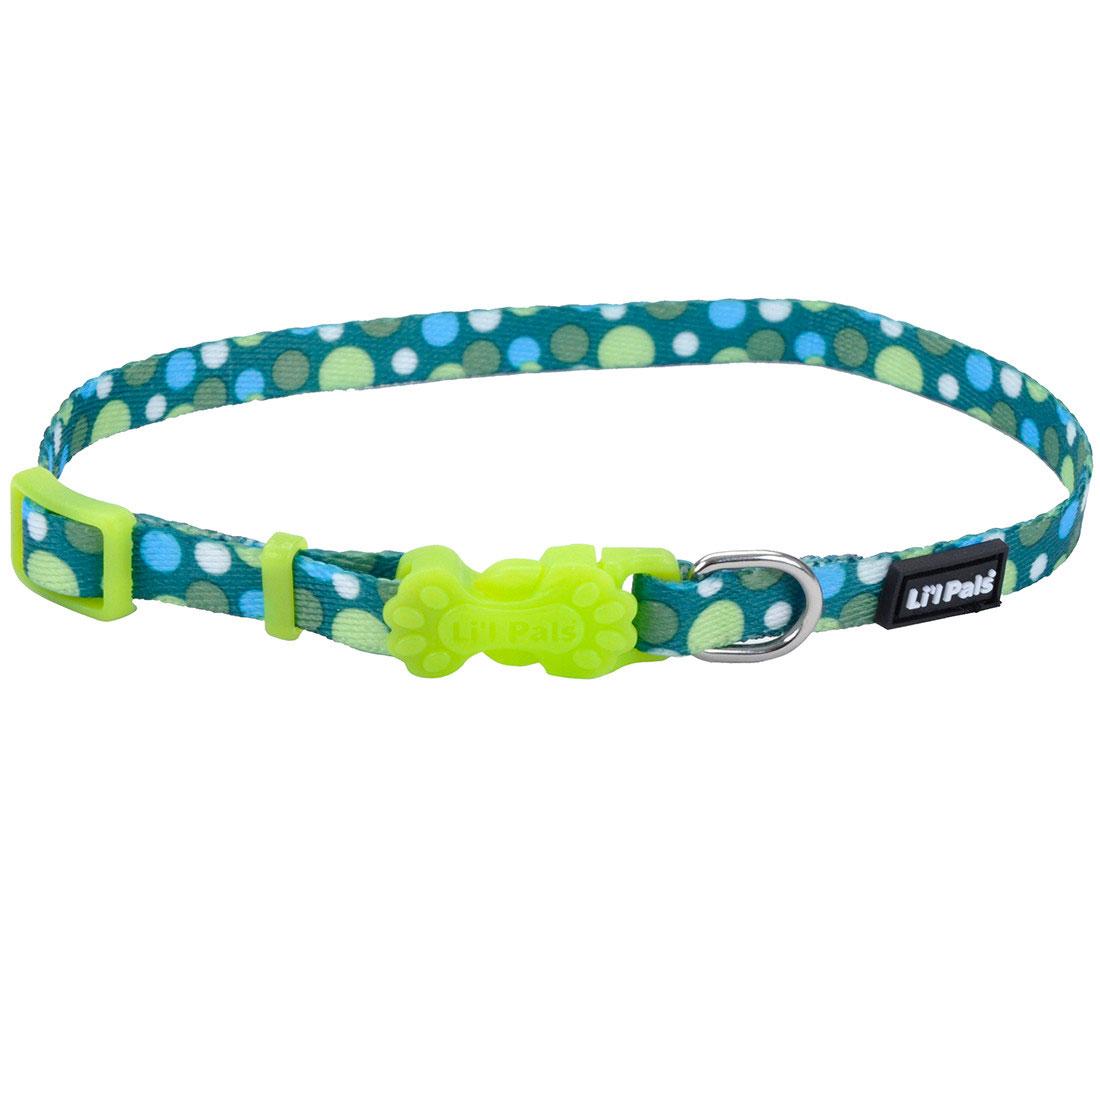 Li'l Pals Adjustable Patterned Dog Collar, Green Dots Image